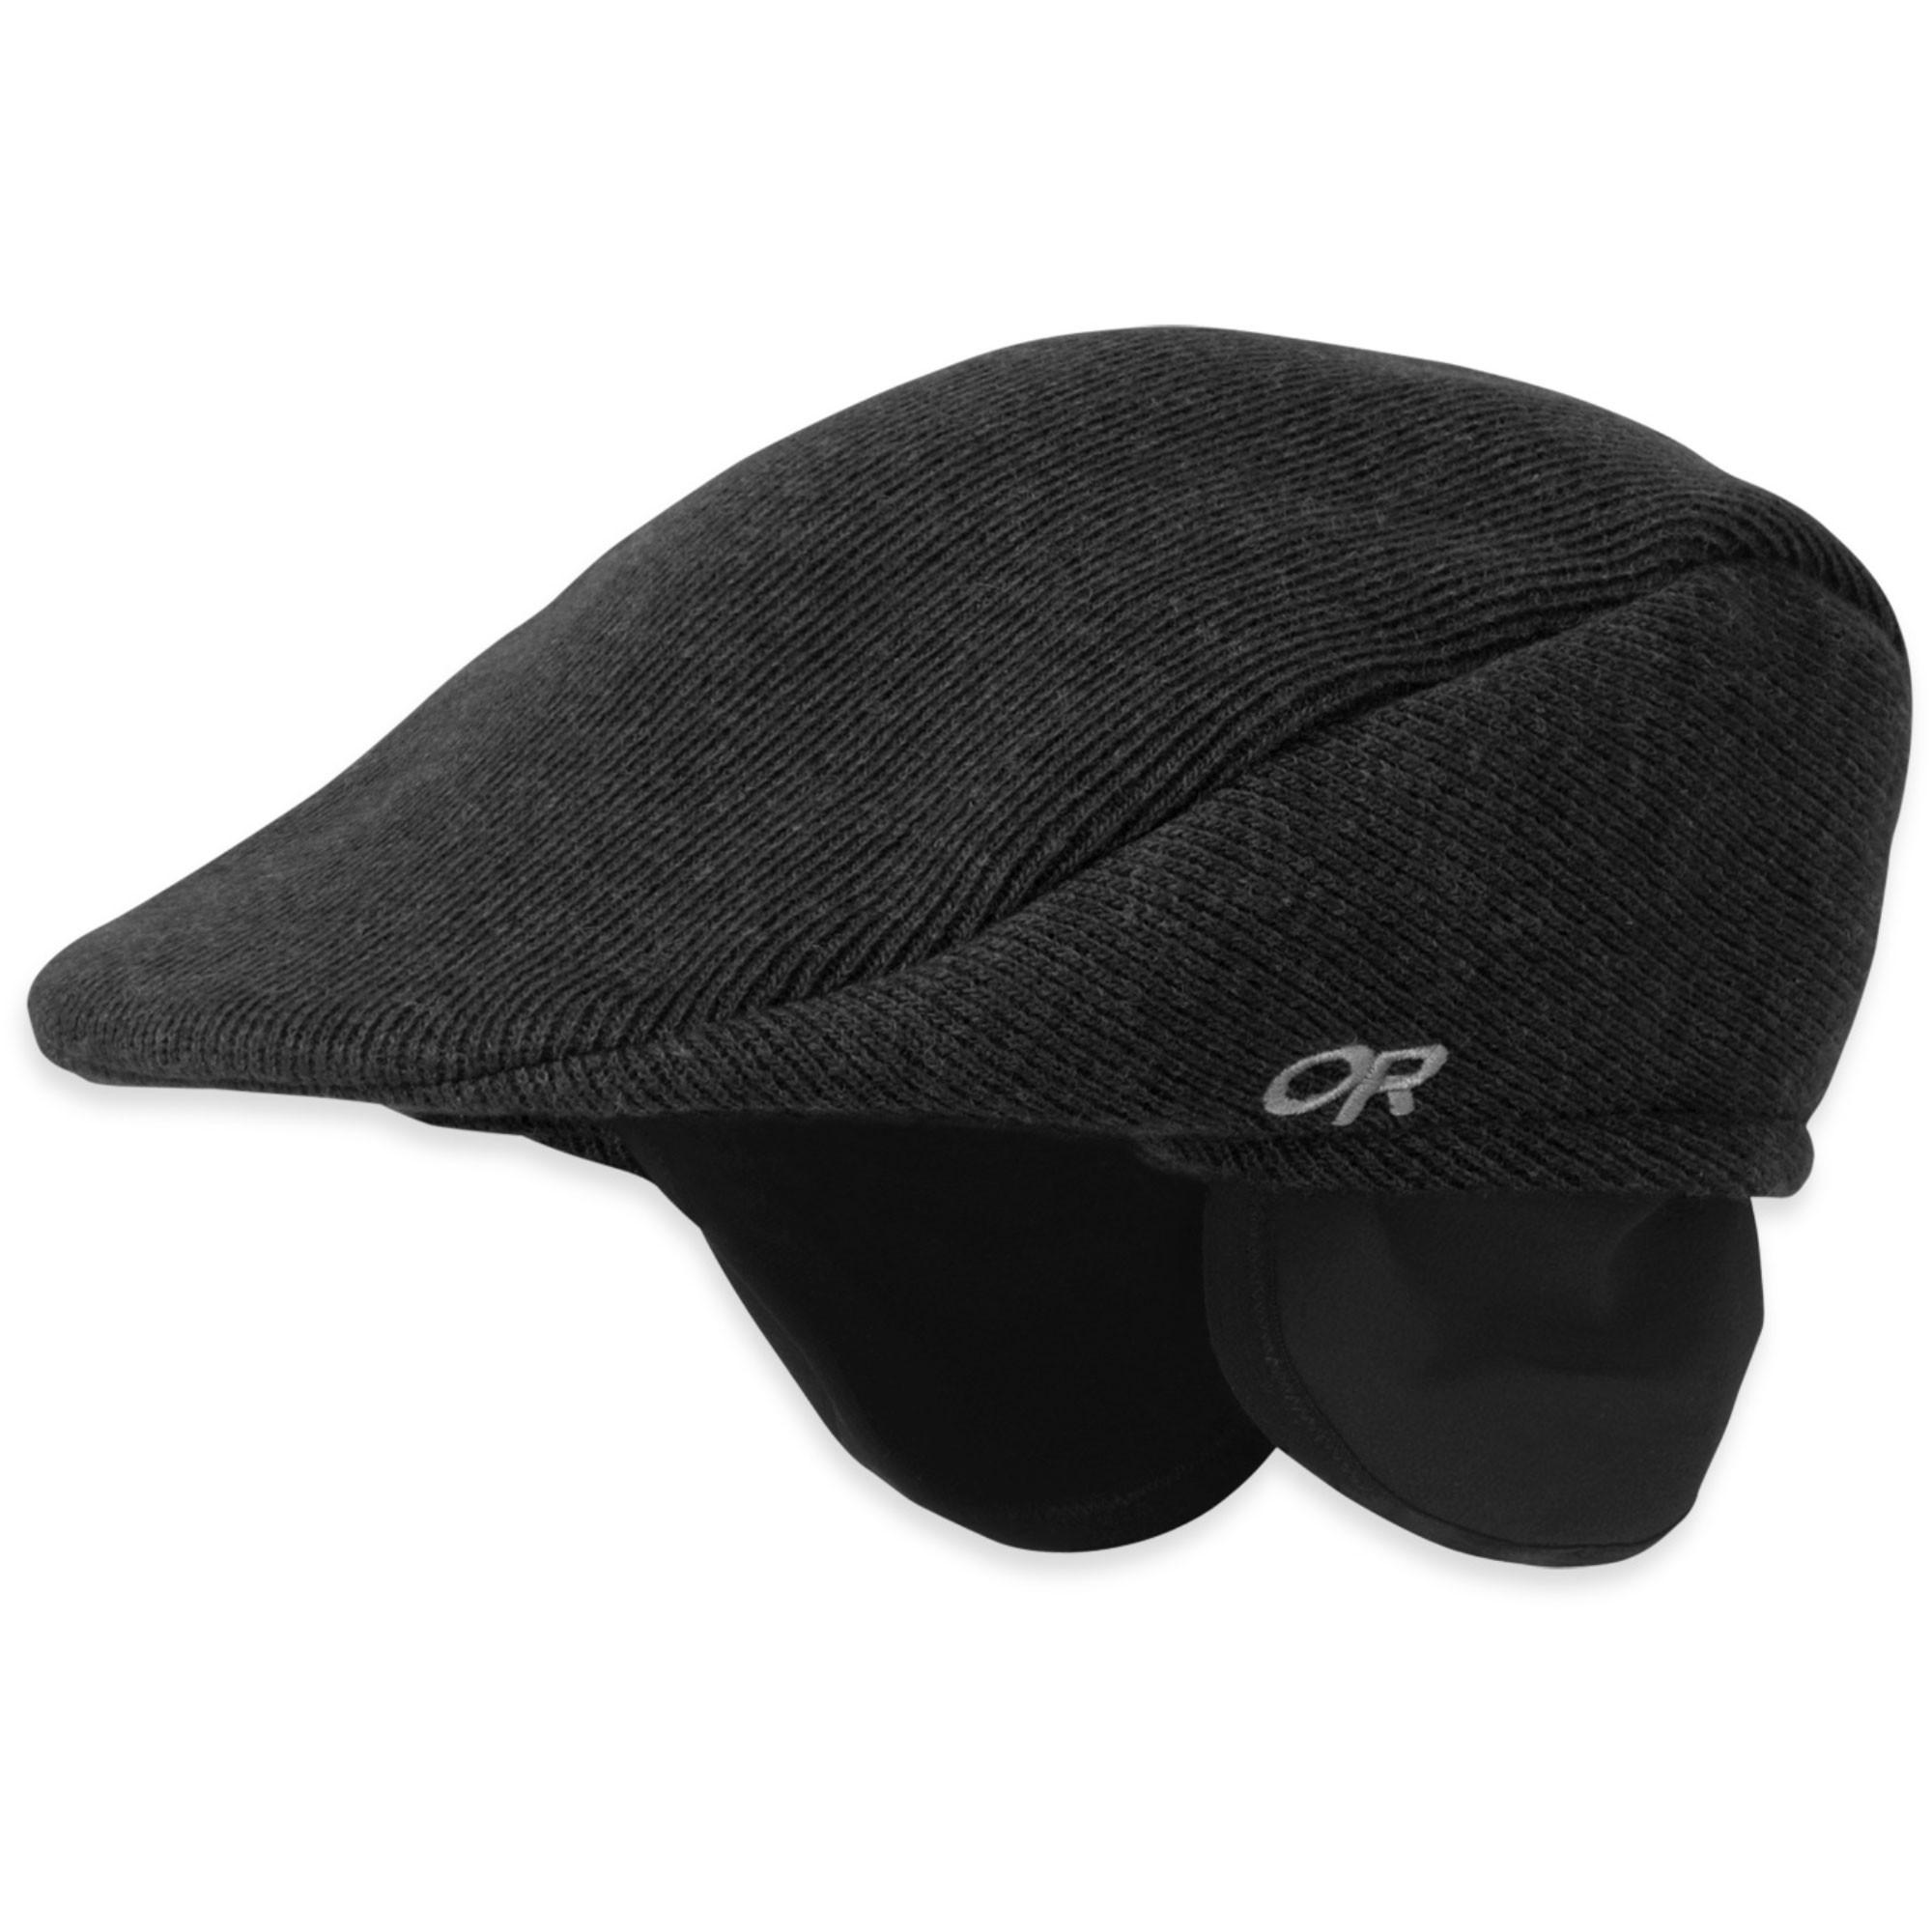 Outdoor Research Pub Cap - Black